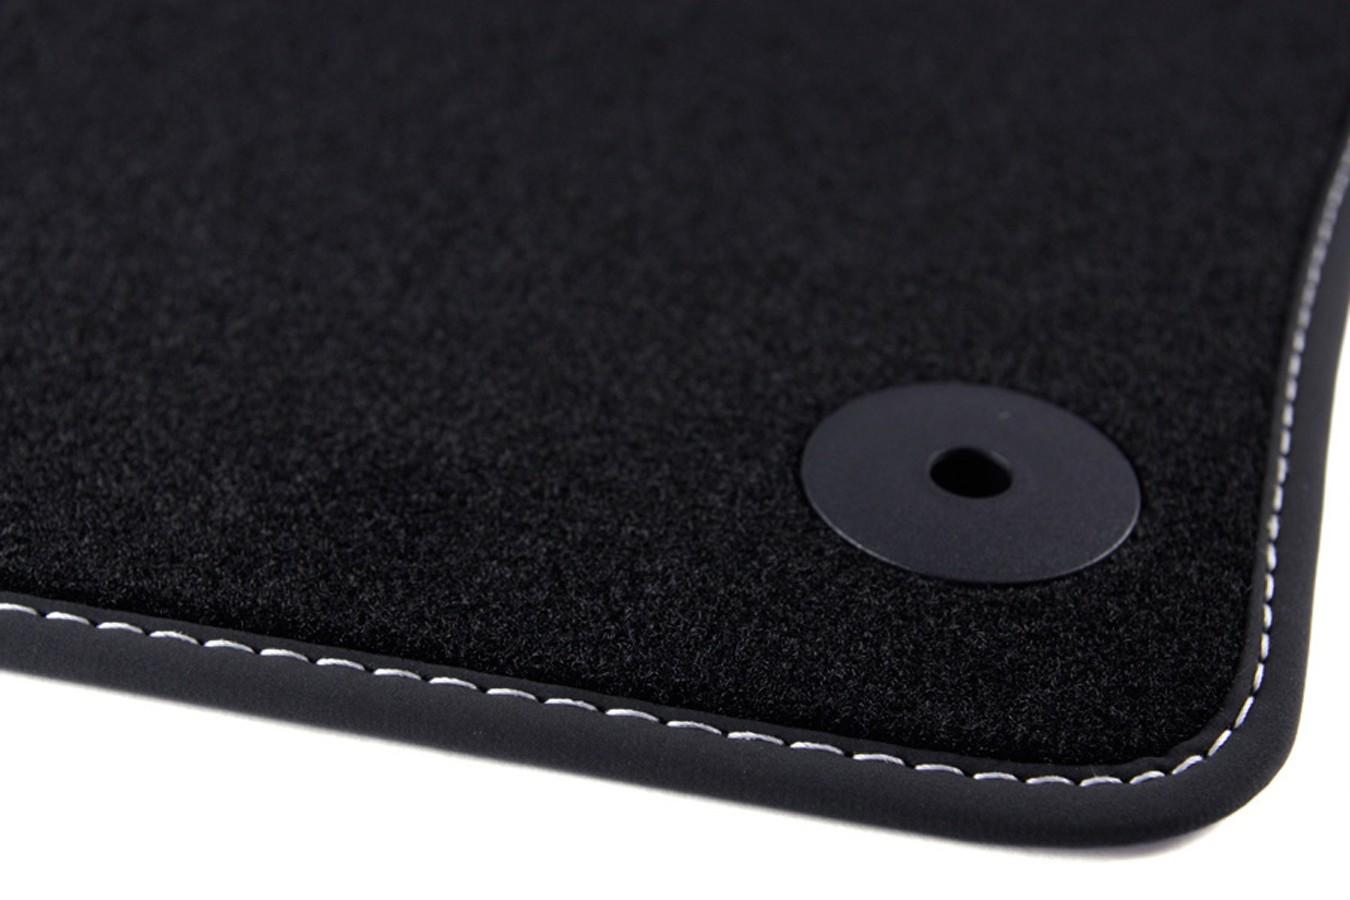 exclusive tapis de sol de voitures pour vw golf 7 vii. Black Bedroom Furniture Sets. Home Design Ideas